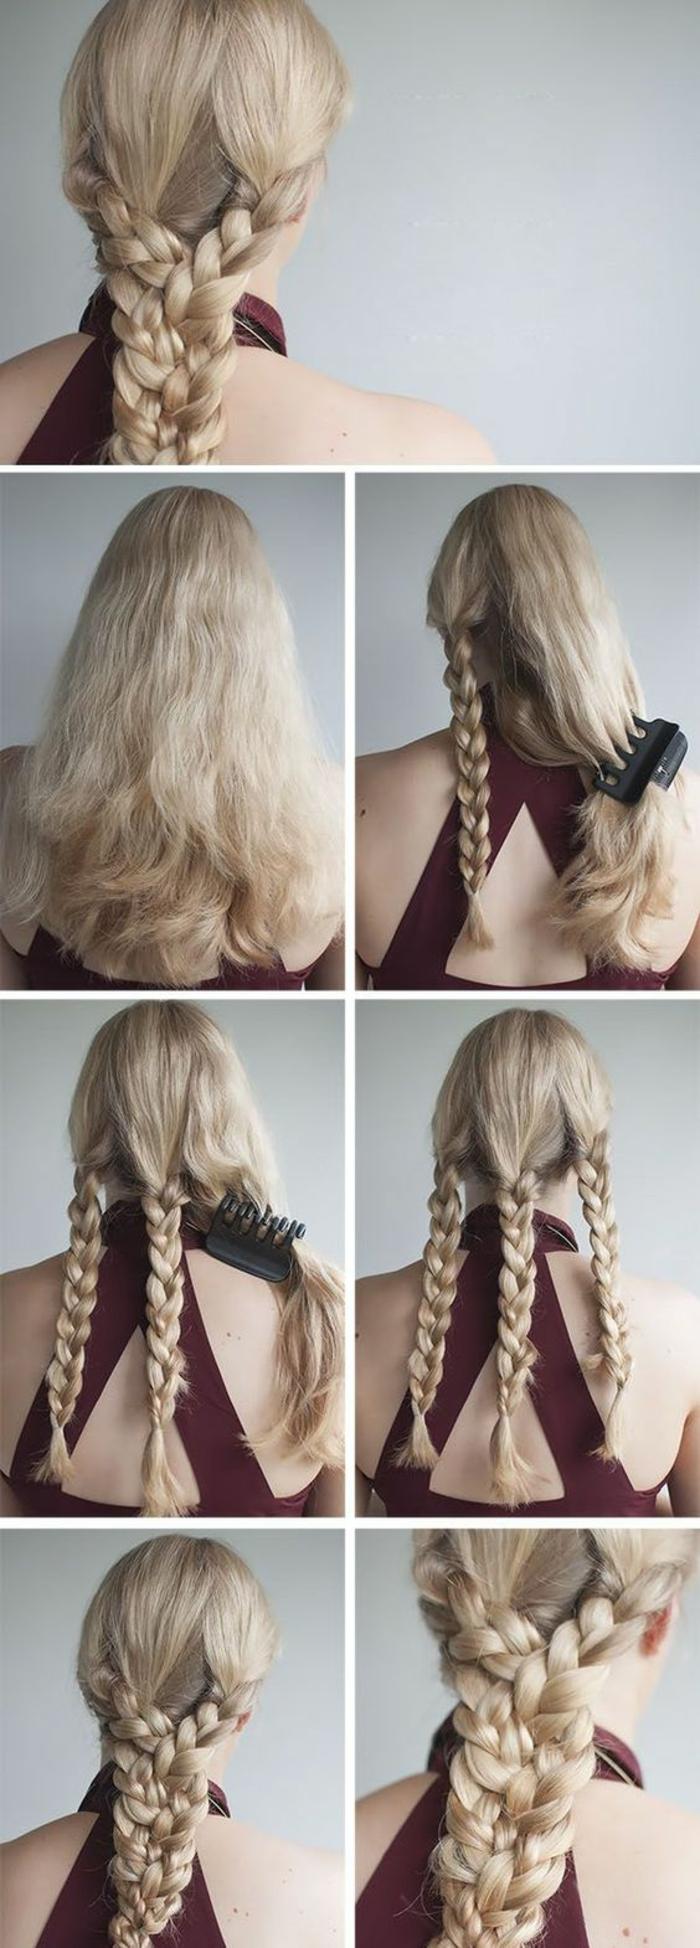 dunkelrotes kleid, mittellange, blonde haare, flechfrisur